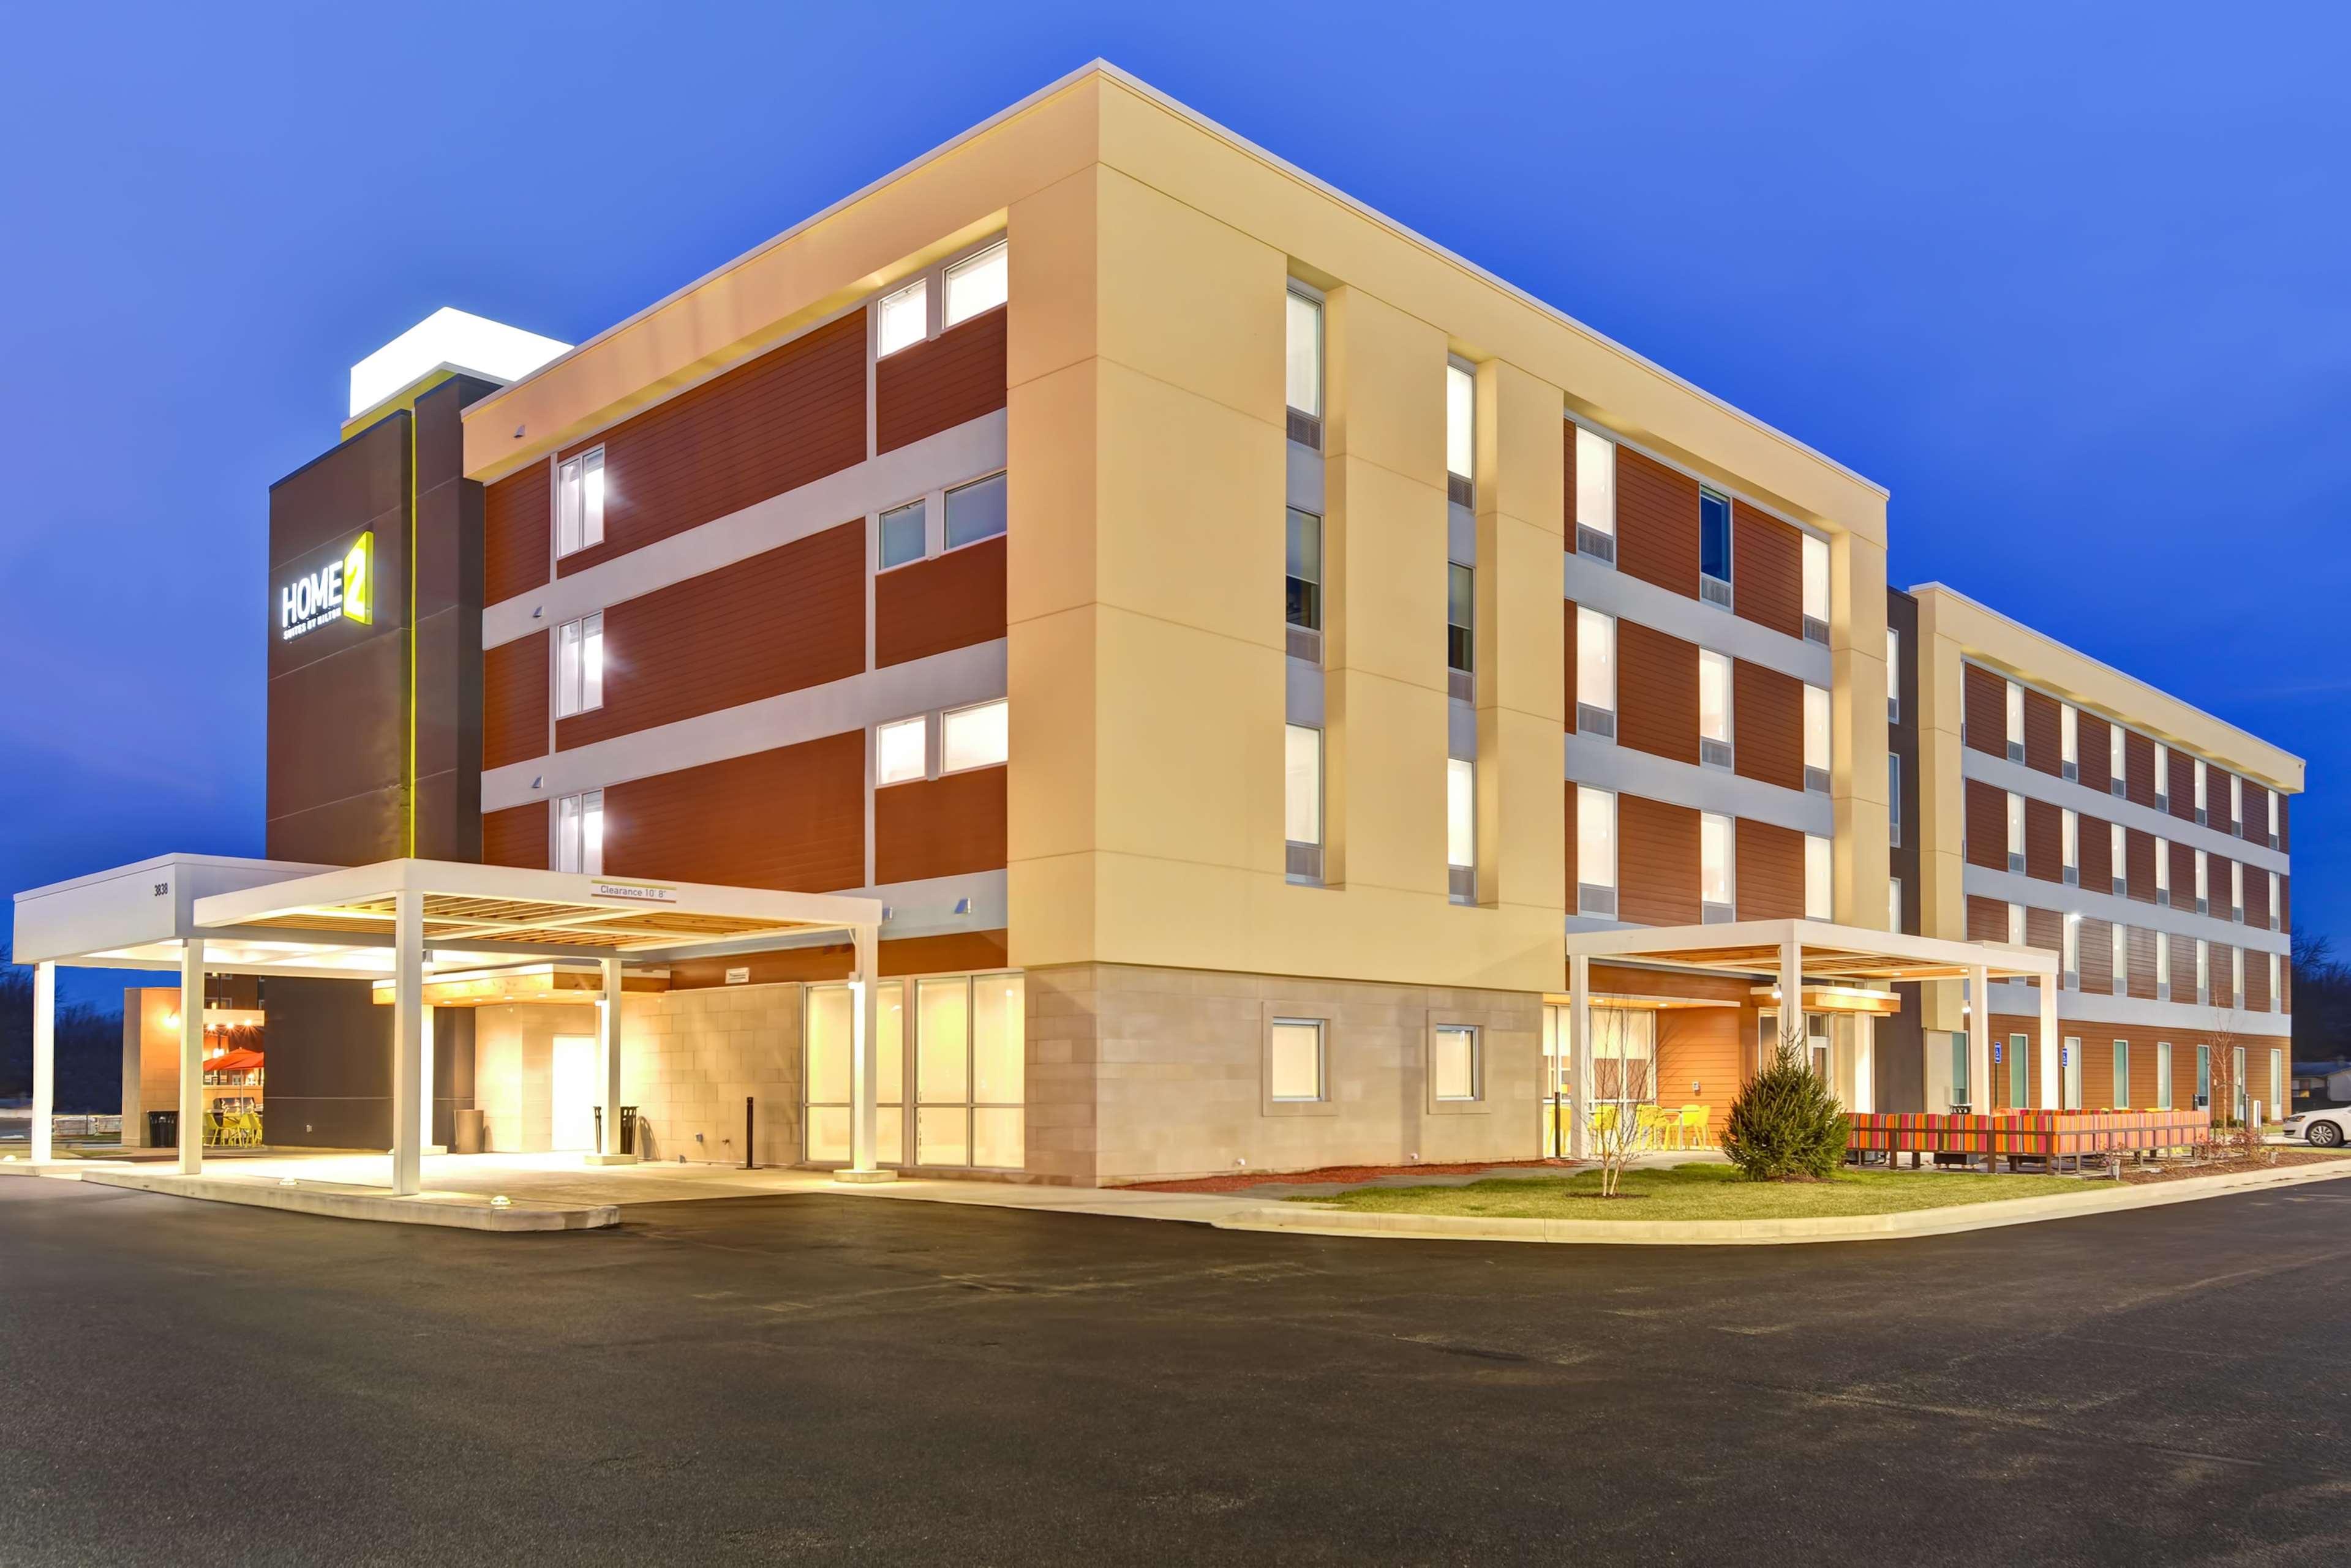 Home2 Suites by Hilton Lafayette image 1